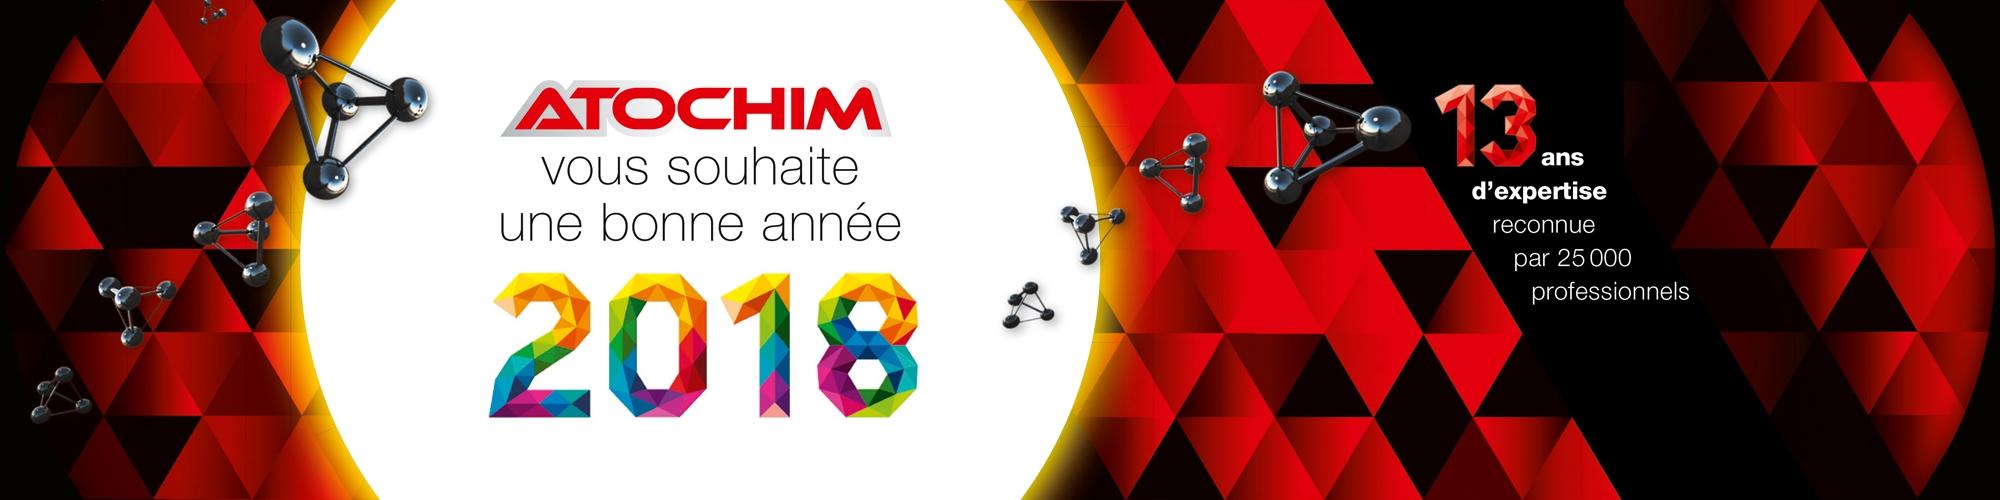 ATOCHIM vous souhaite une bonne année 2018